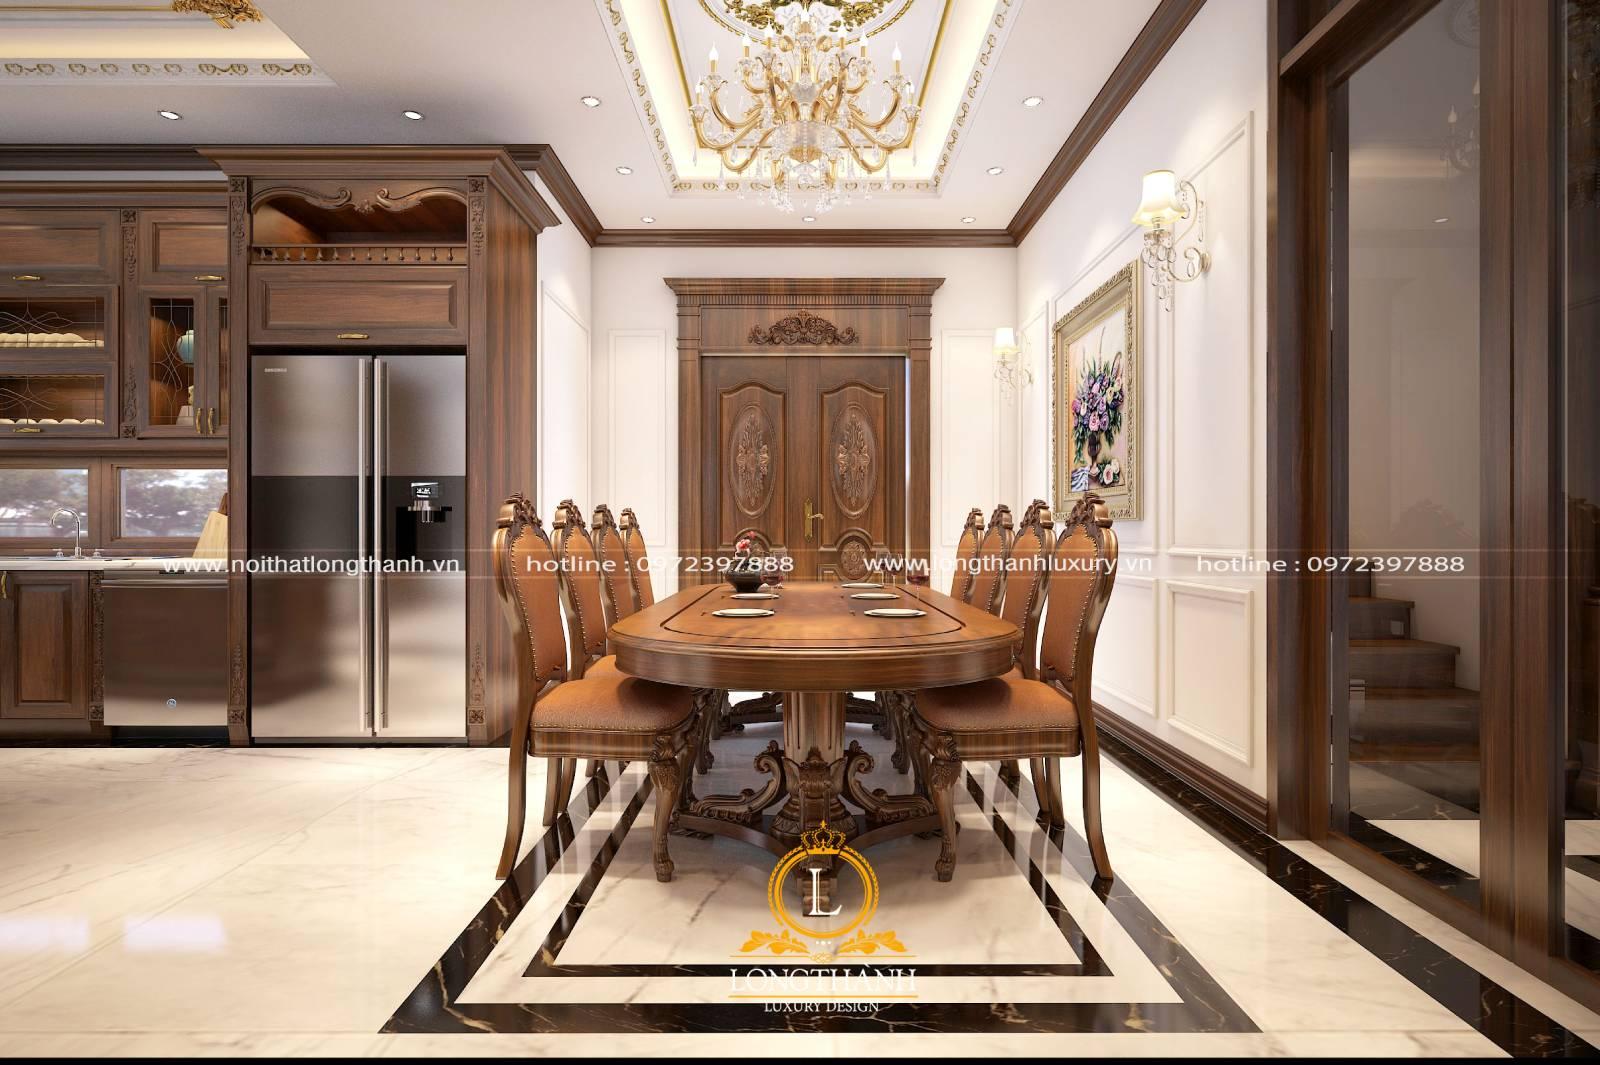 Tủ bếp gỗ Gõ đồng bộ với thiết kế nội thất phòng bếp và phòng khách